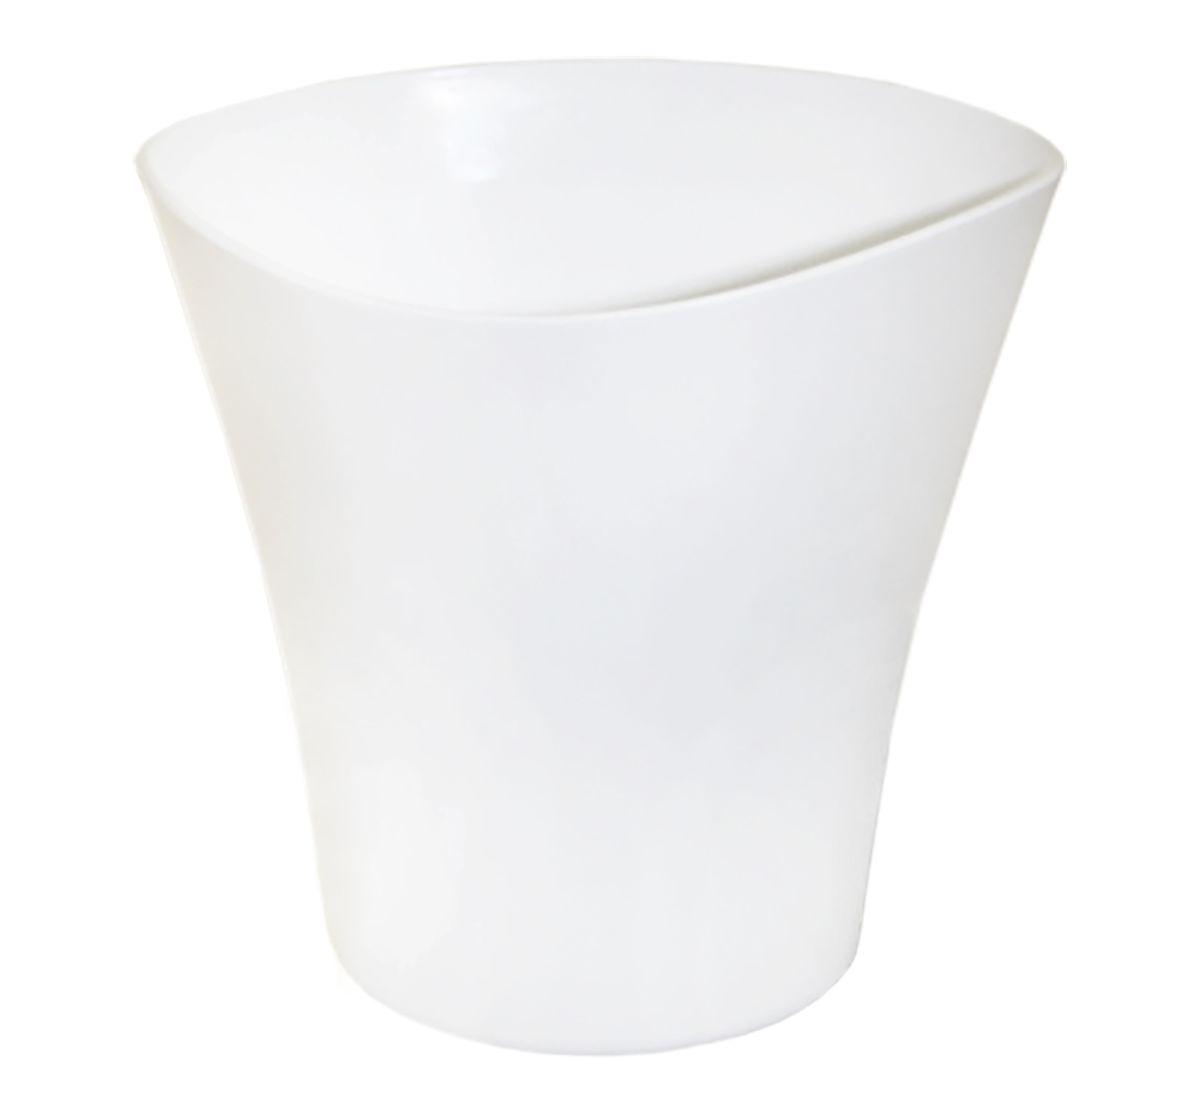 Кашпо JetPlast Волна, цвет: белый, 3 л1598250Кашпо Волна имеет уникальную форму, сочетающуюся как с классическим, так и с современным дизайном интерьера. Разнообразие цветов дает возможность подобрать кашпо именно под ваш стиль.